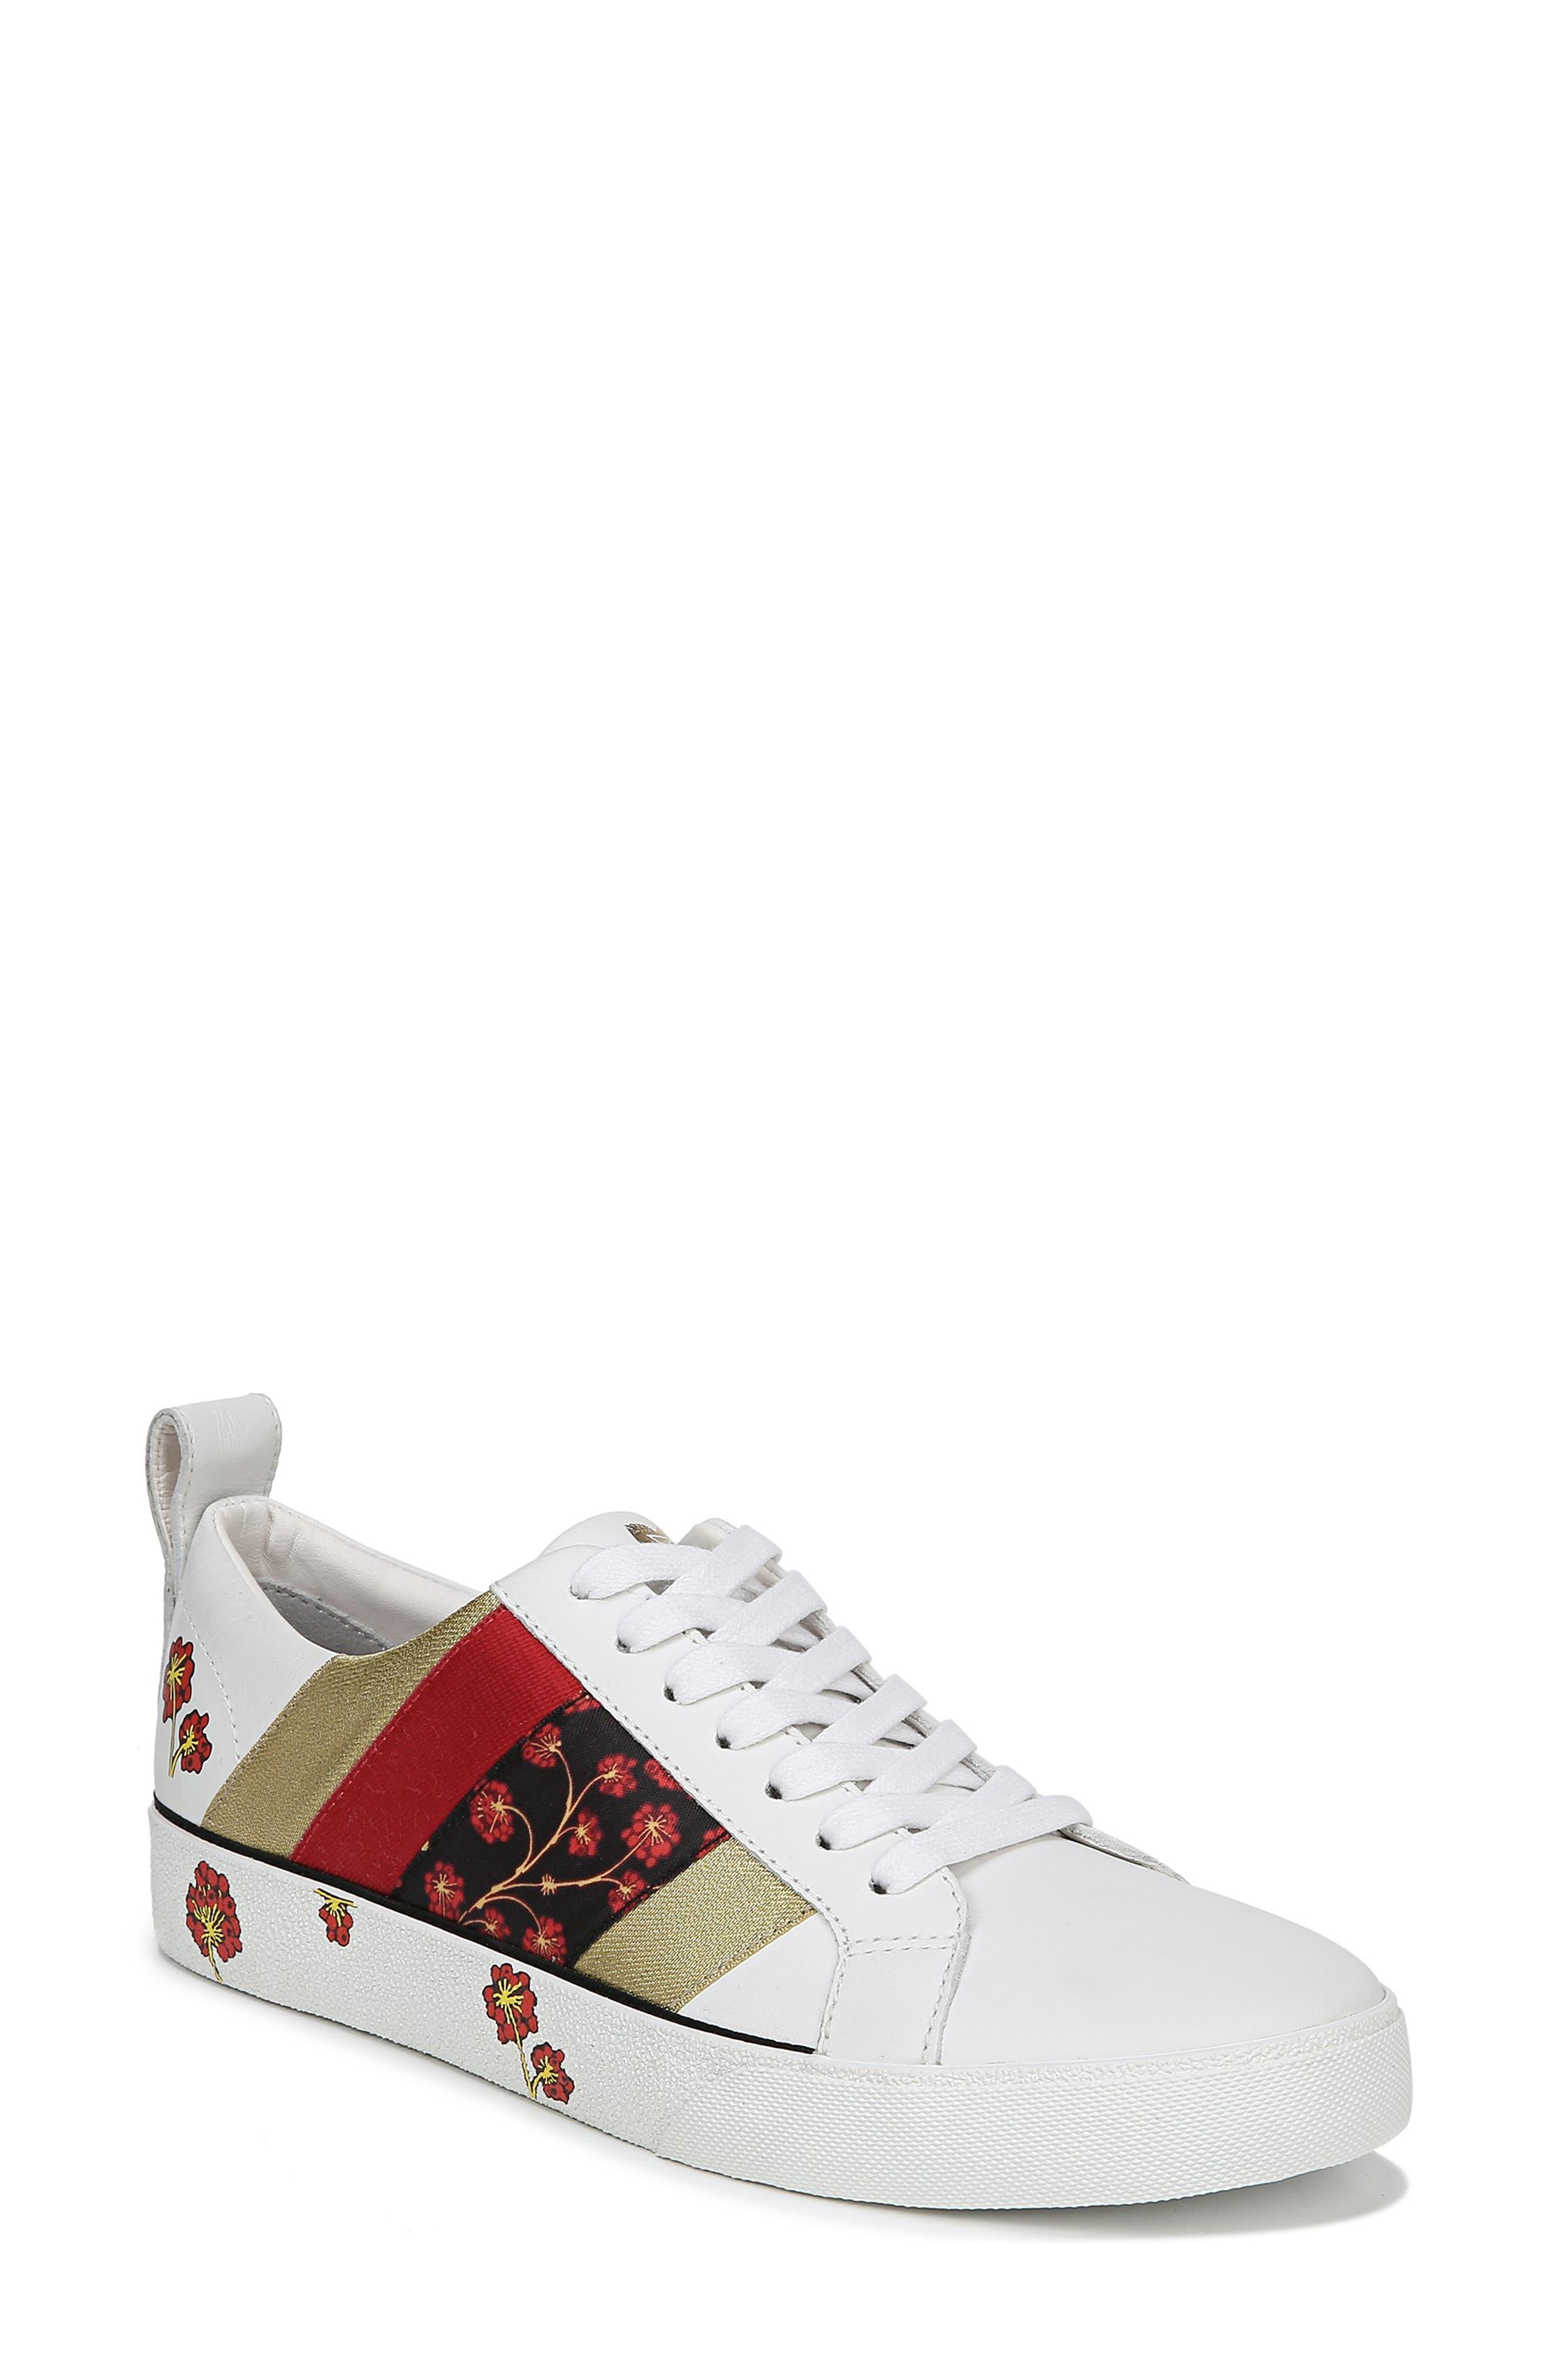 Diane Von Furstenberg Tess Lace-Up Sneaker, White